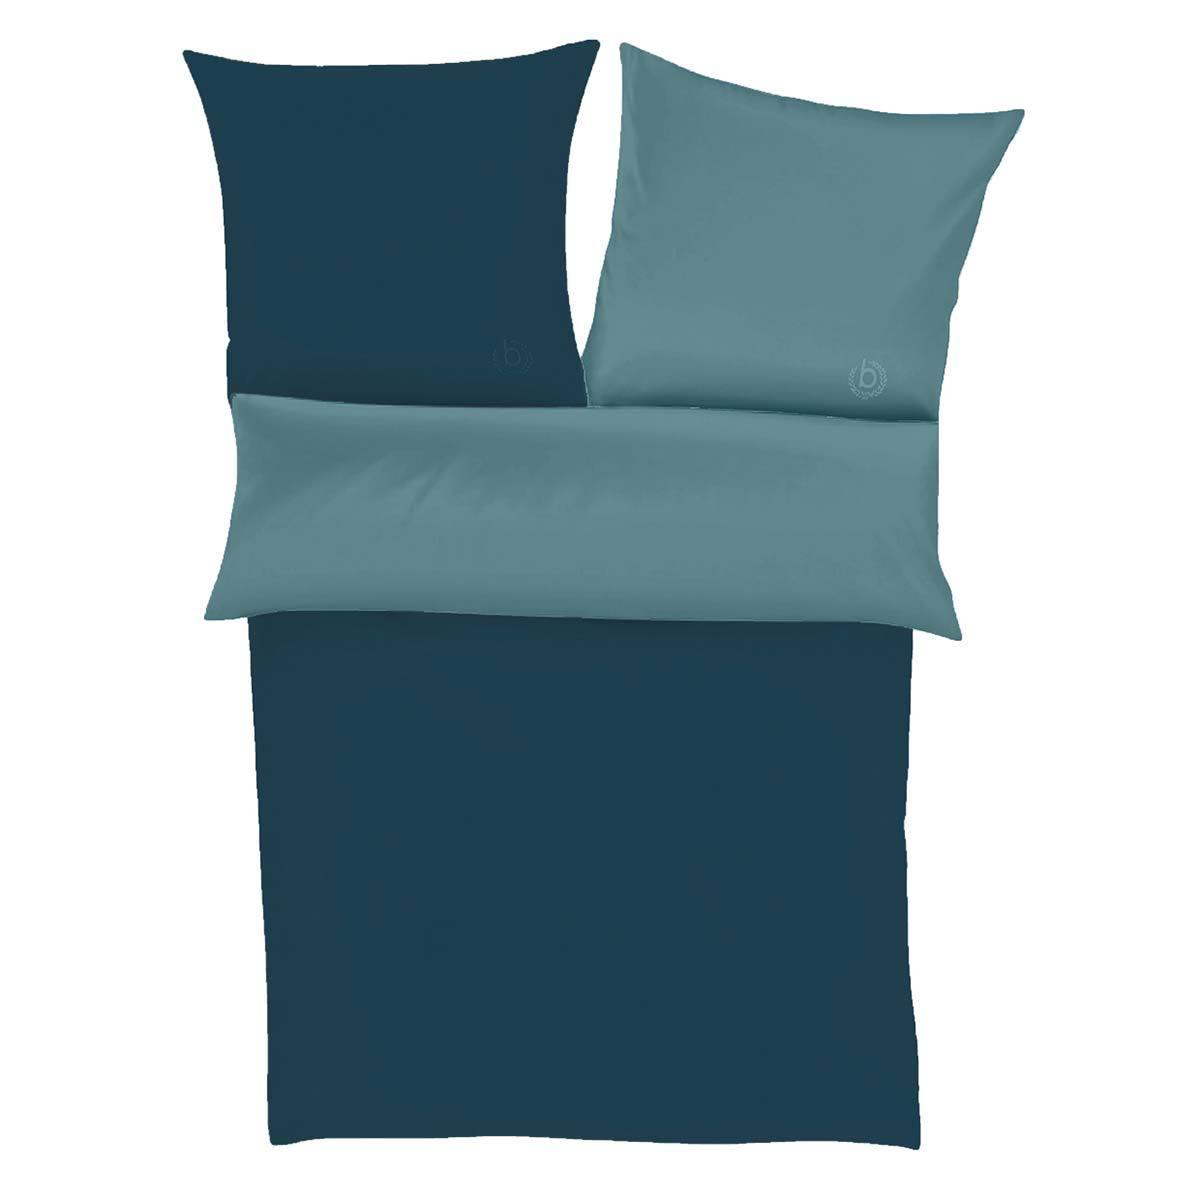 bugatti perkal wendebettw sche 4939 680 g nstig online kaufen bei bettwaren shop. Black Bedroom Furniture Sets. Home Design Ideas